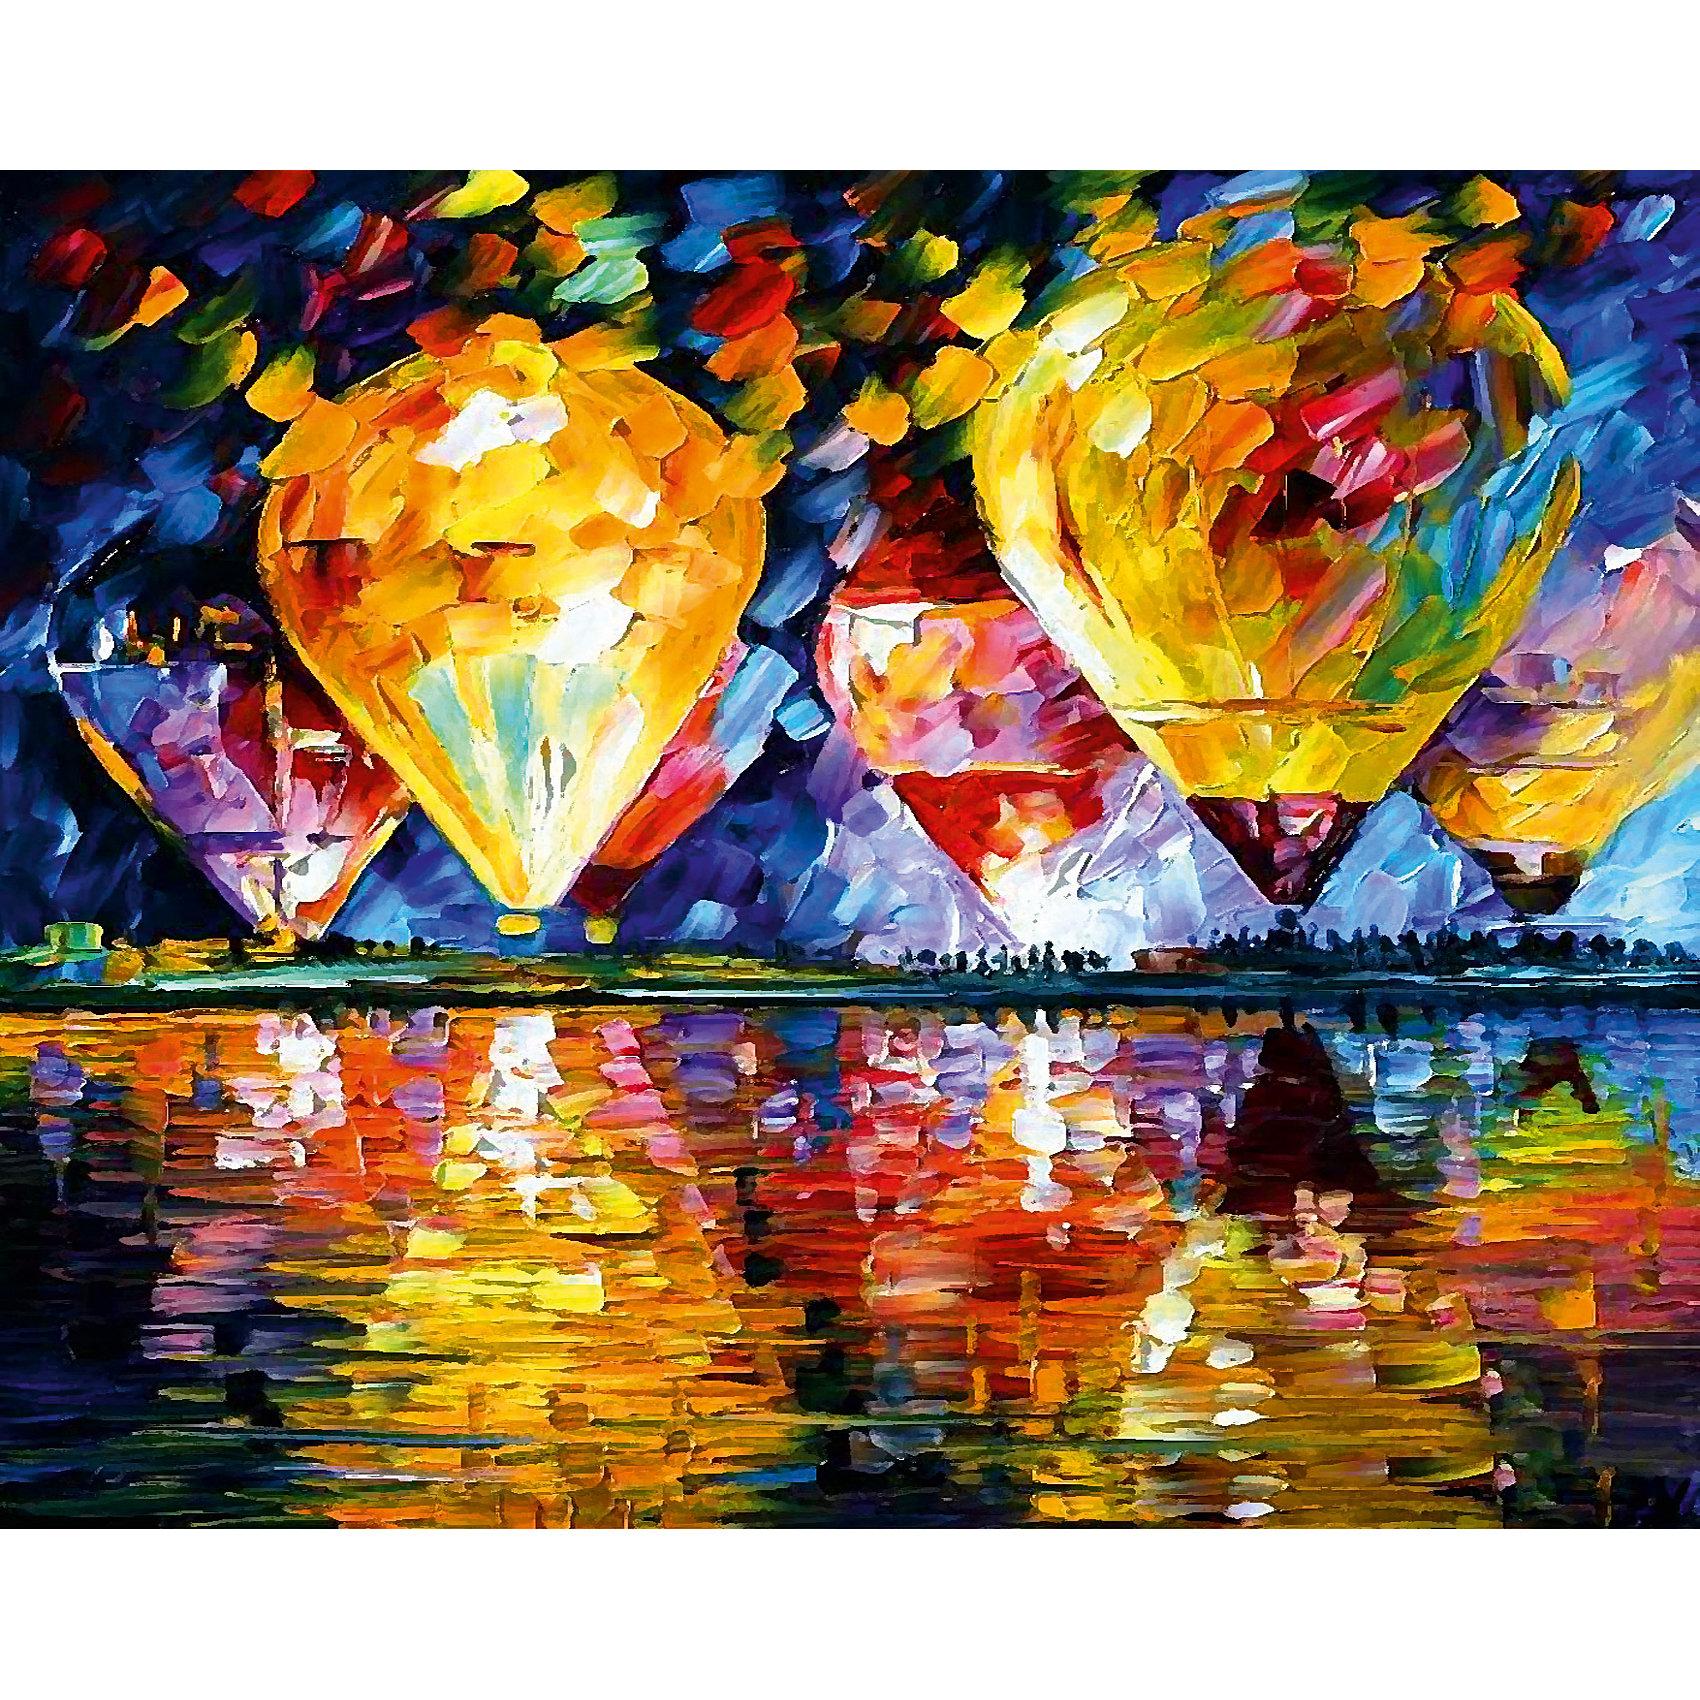 TUKZAR Алмазная мозаика по номерам Воздушные шары 40*50 см, с прозрачными стразами мозаика по номерам воздушные шары origami